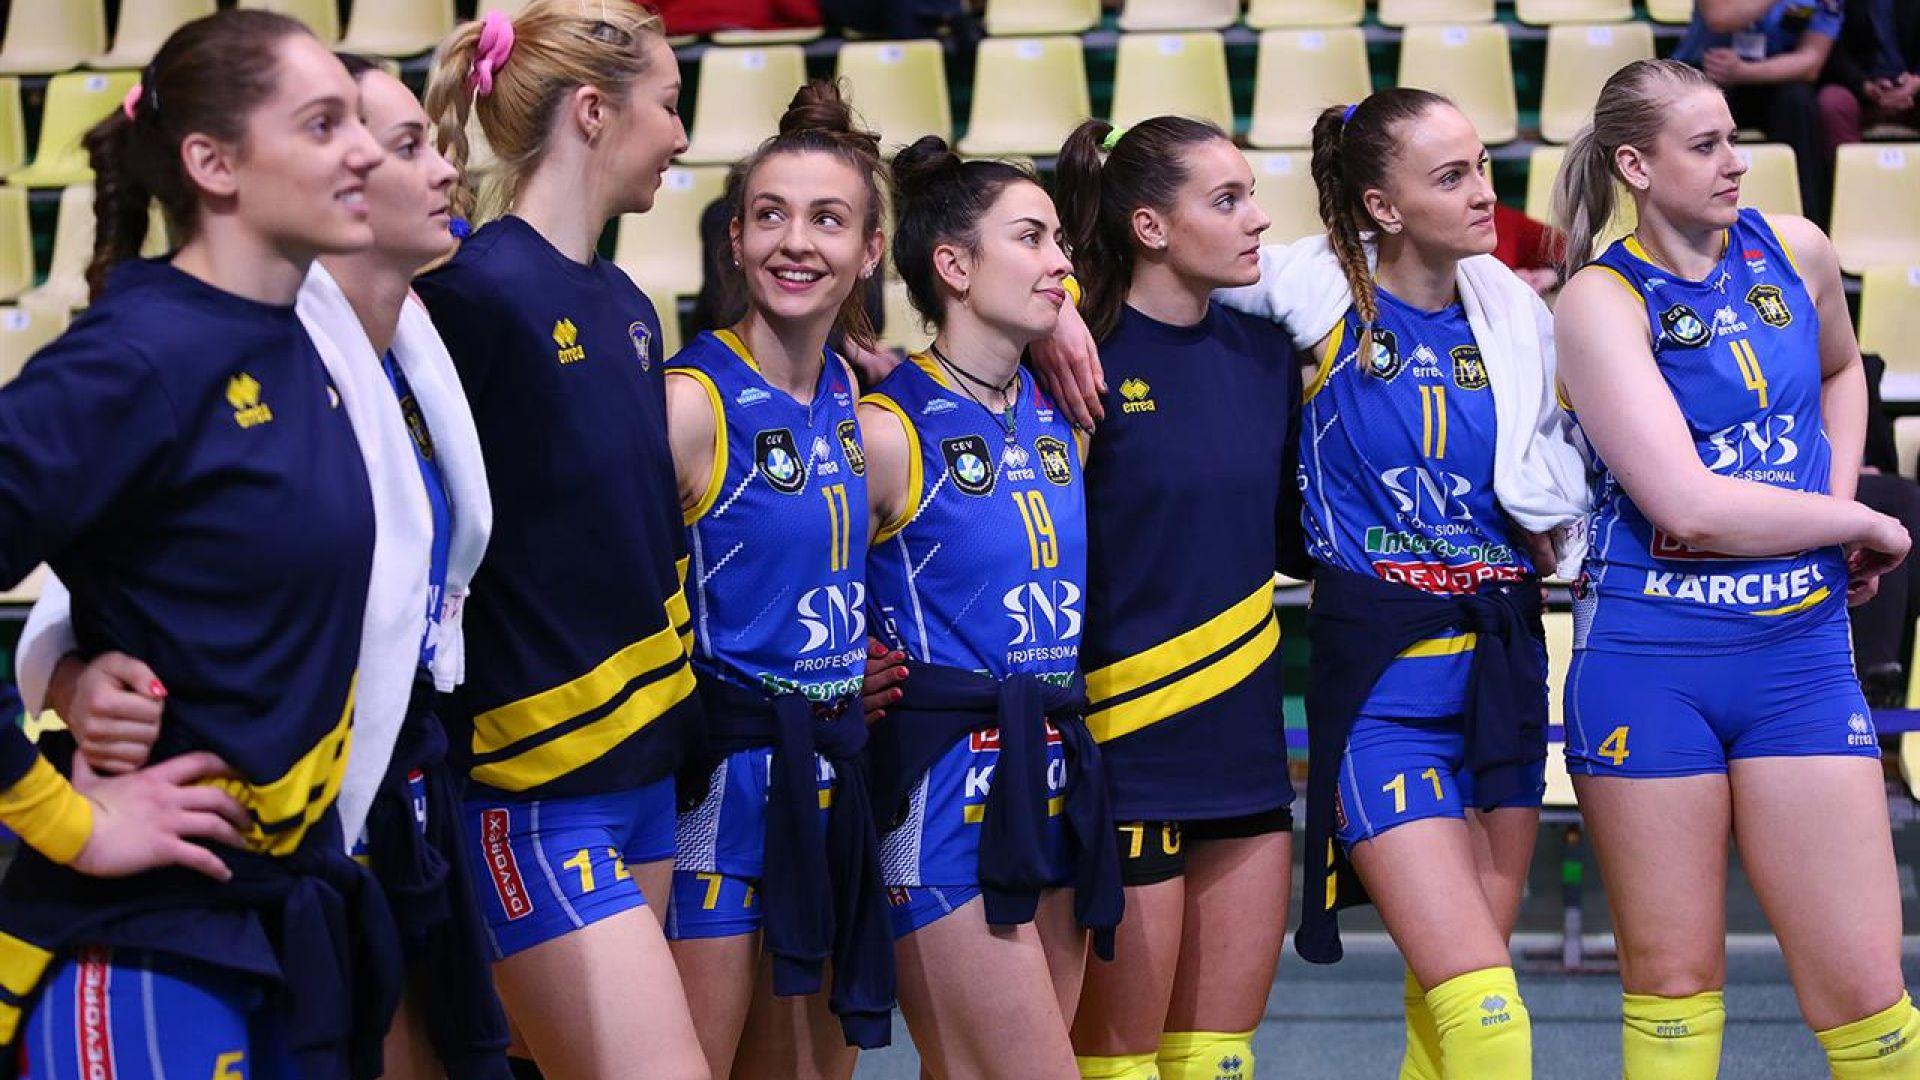 Марица влиза директно в групите на Шампионска лига